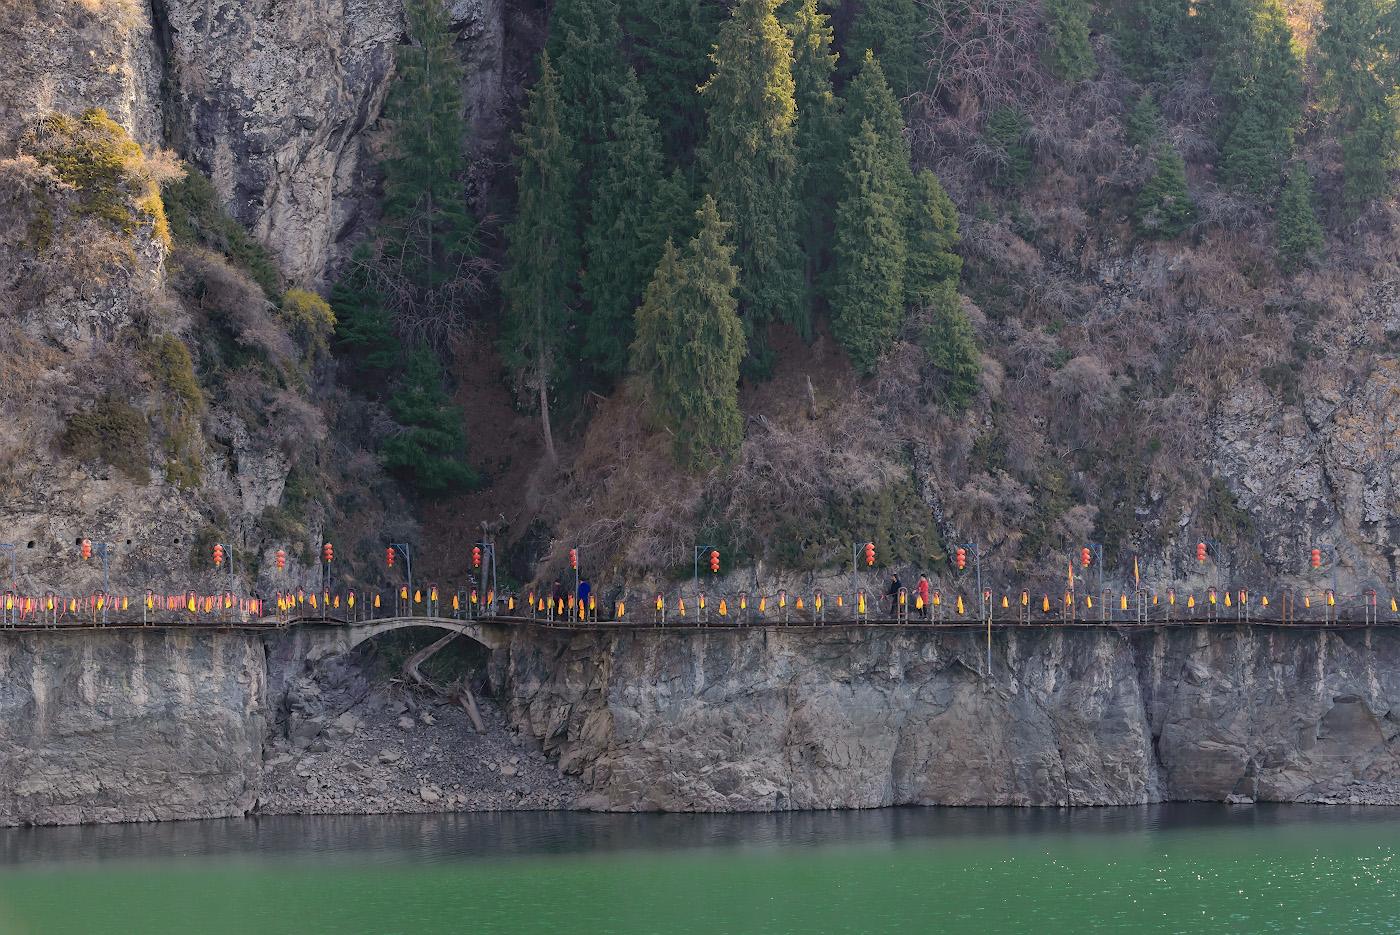 Фото 14. Прогулка над ледяными водами горного озера Тяньчи в Китае. Отзывы об экскурсиях в окрестностях Урумчи. 1/200, -0.33, 8.0, 1800, 98.